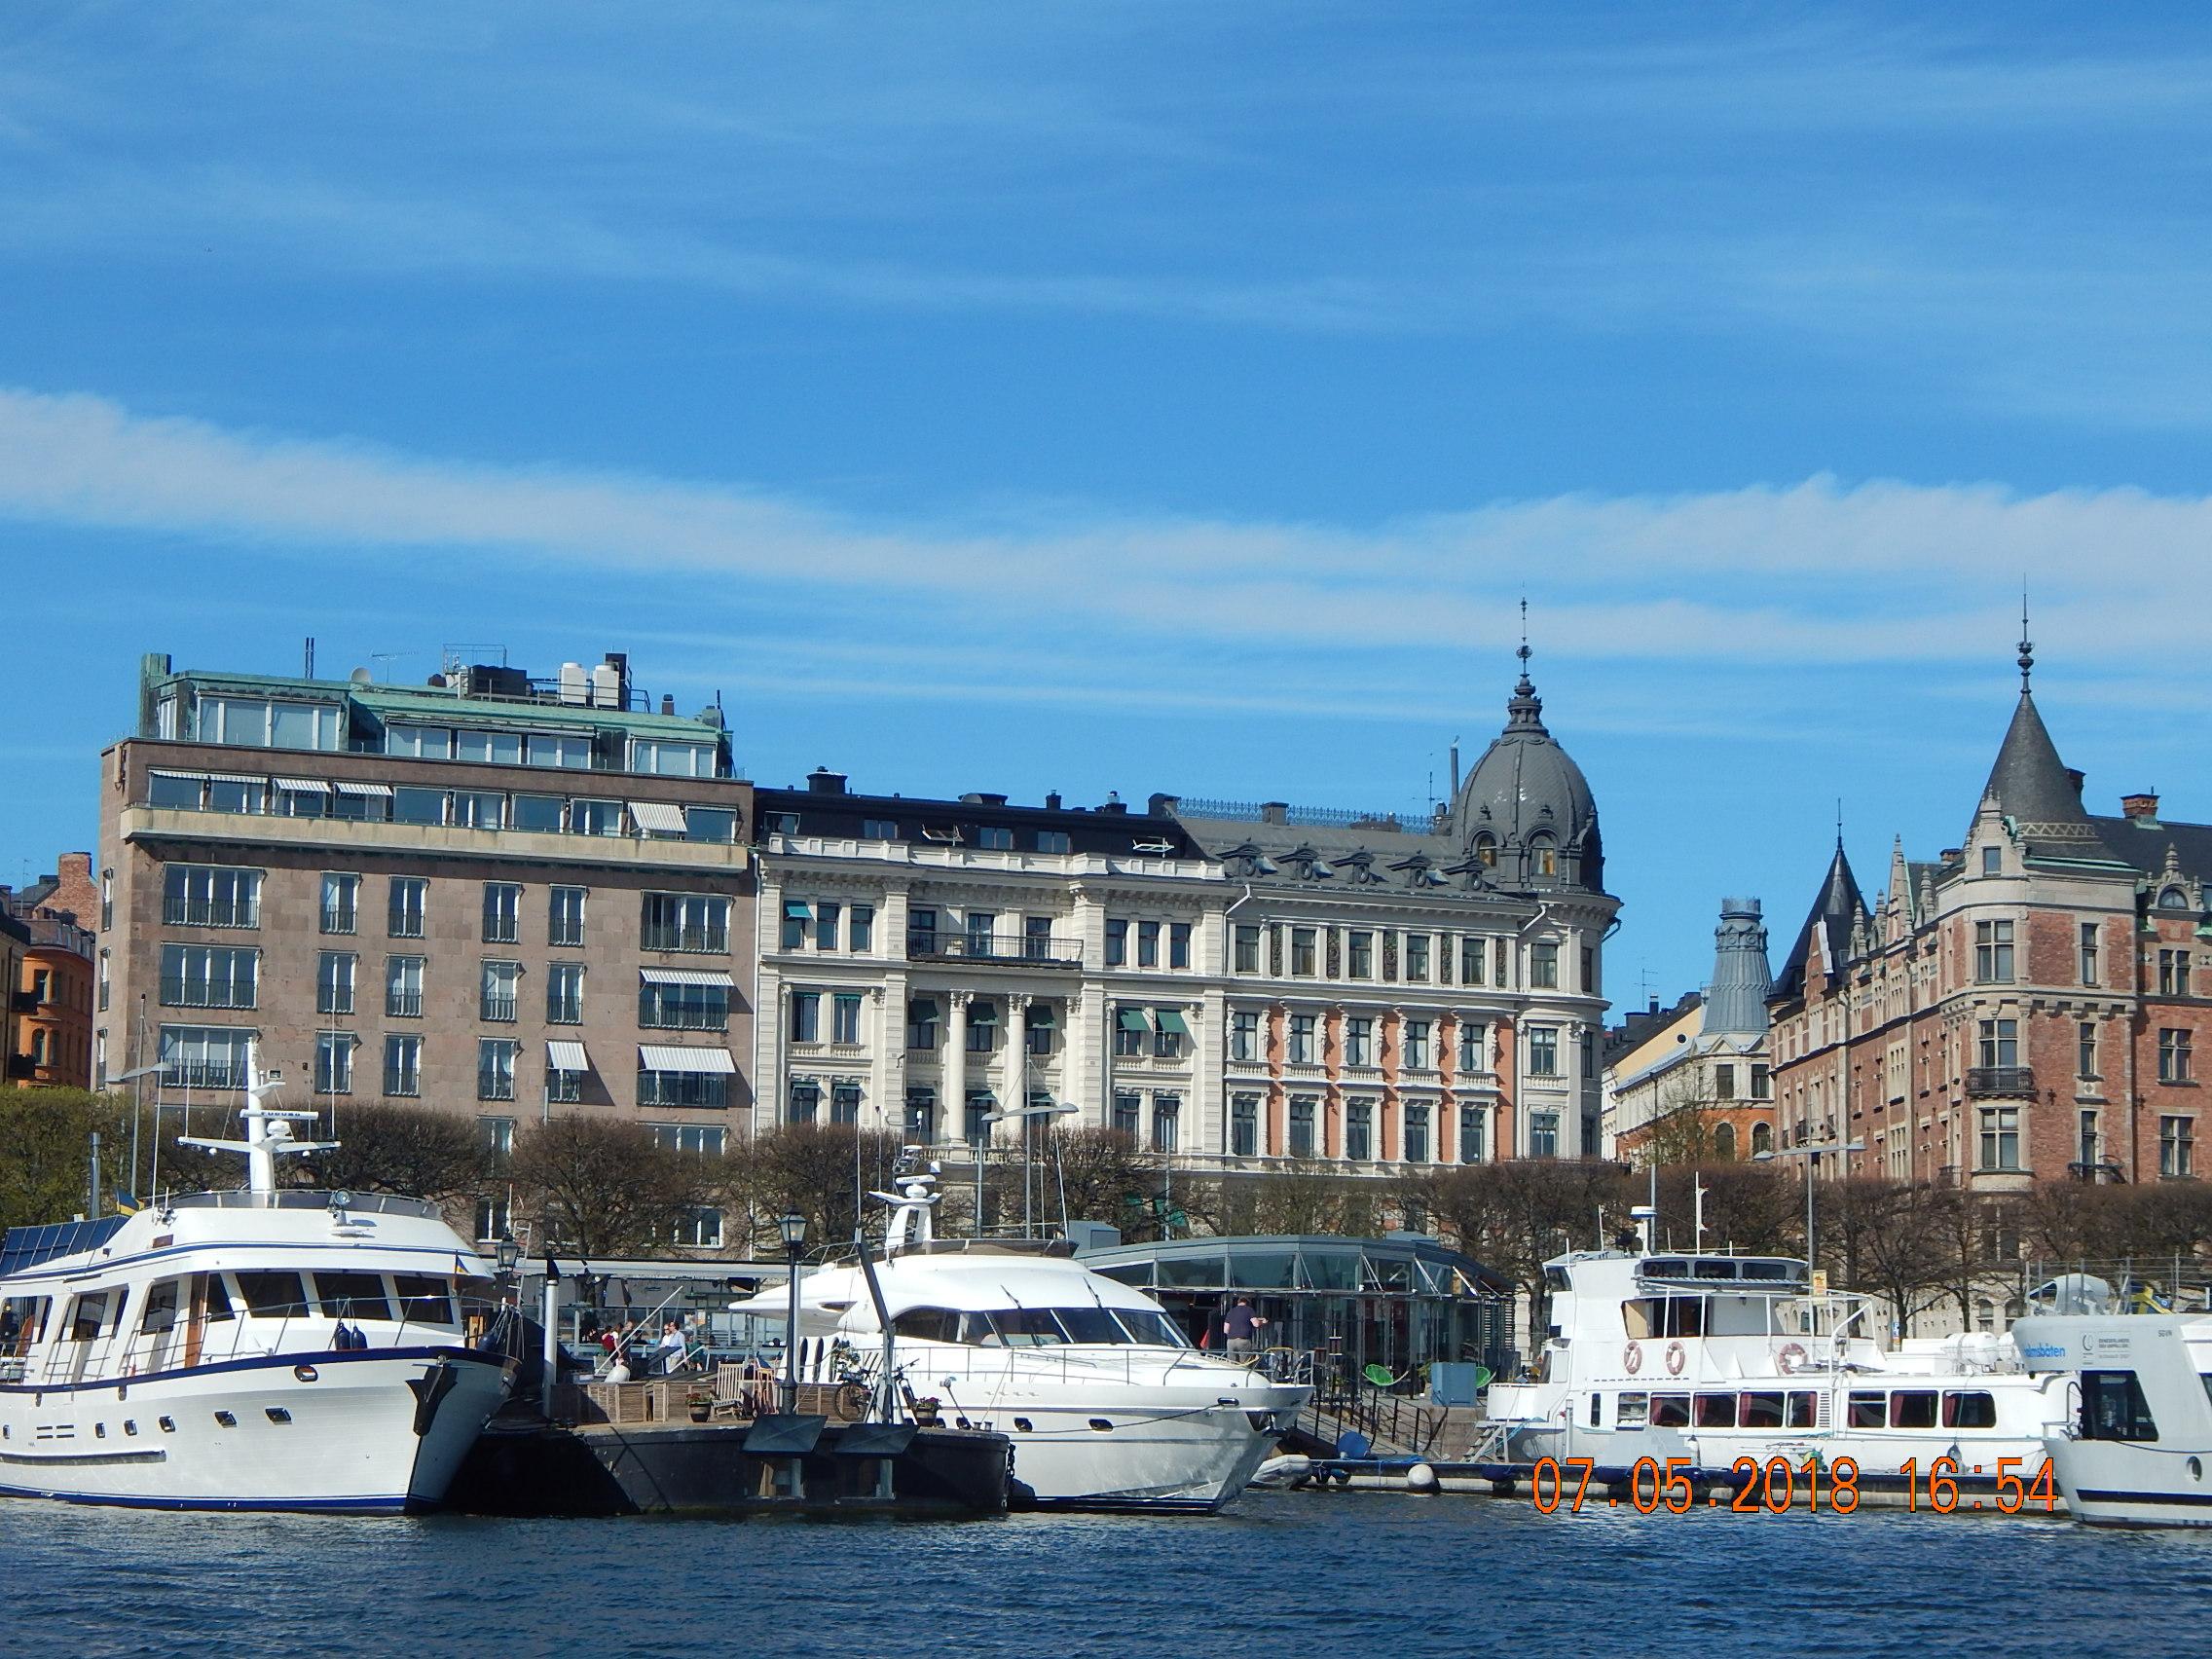 Романтическое путешествие в Скандинавию. - Страница 2 Dscn4615